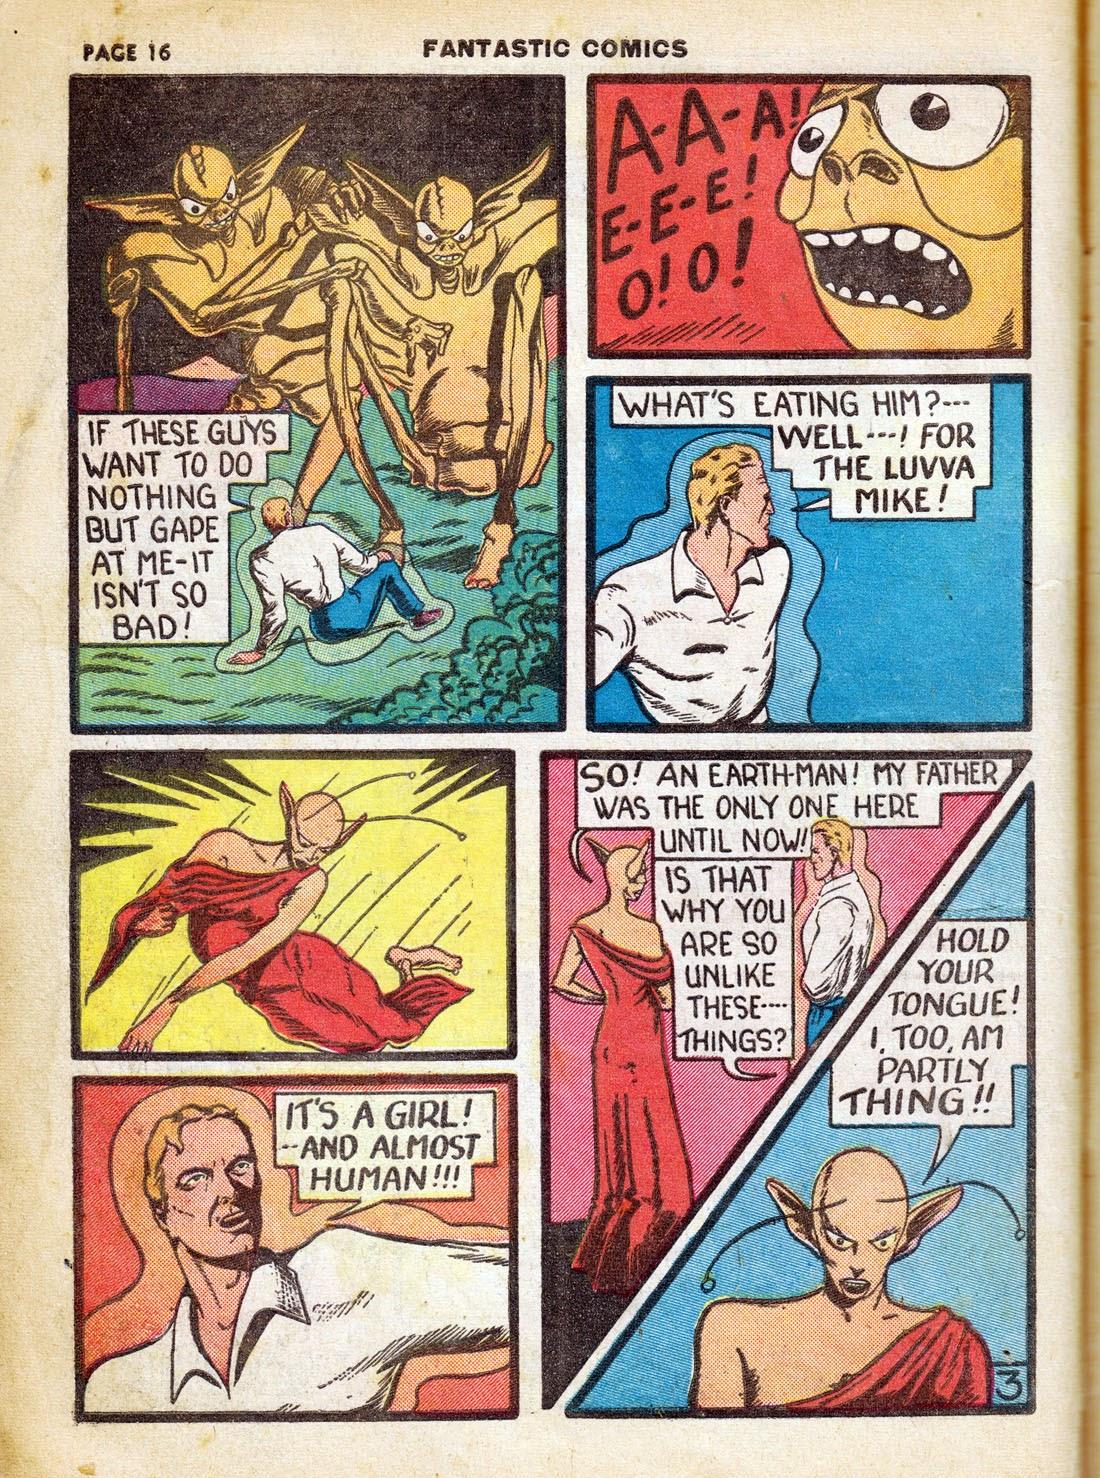 Read online Fantastic Comics comic -  Issue #7 - 18